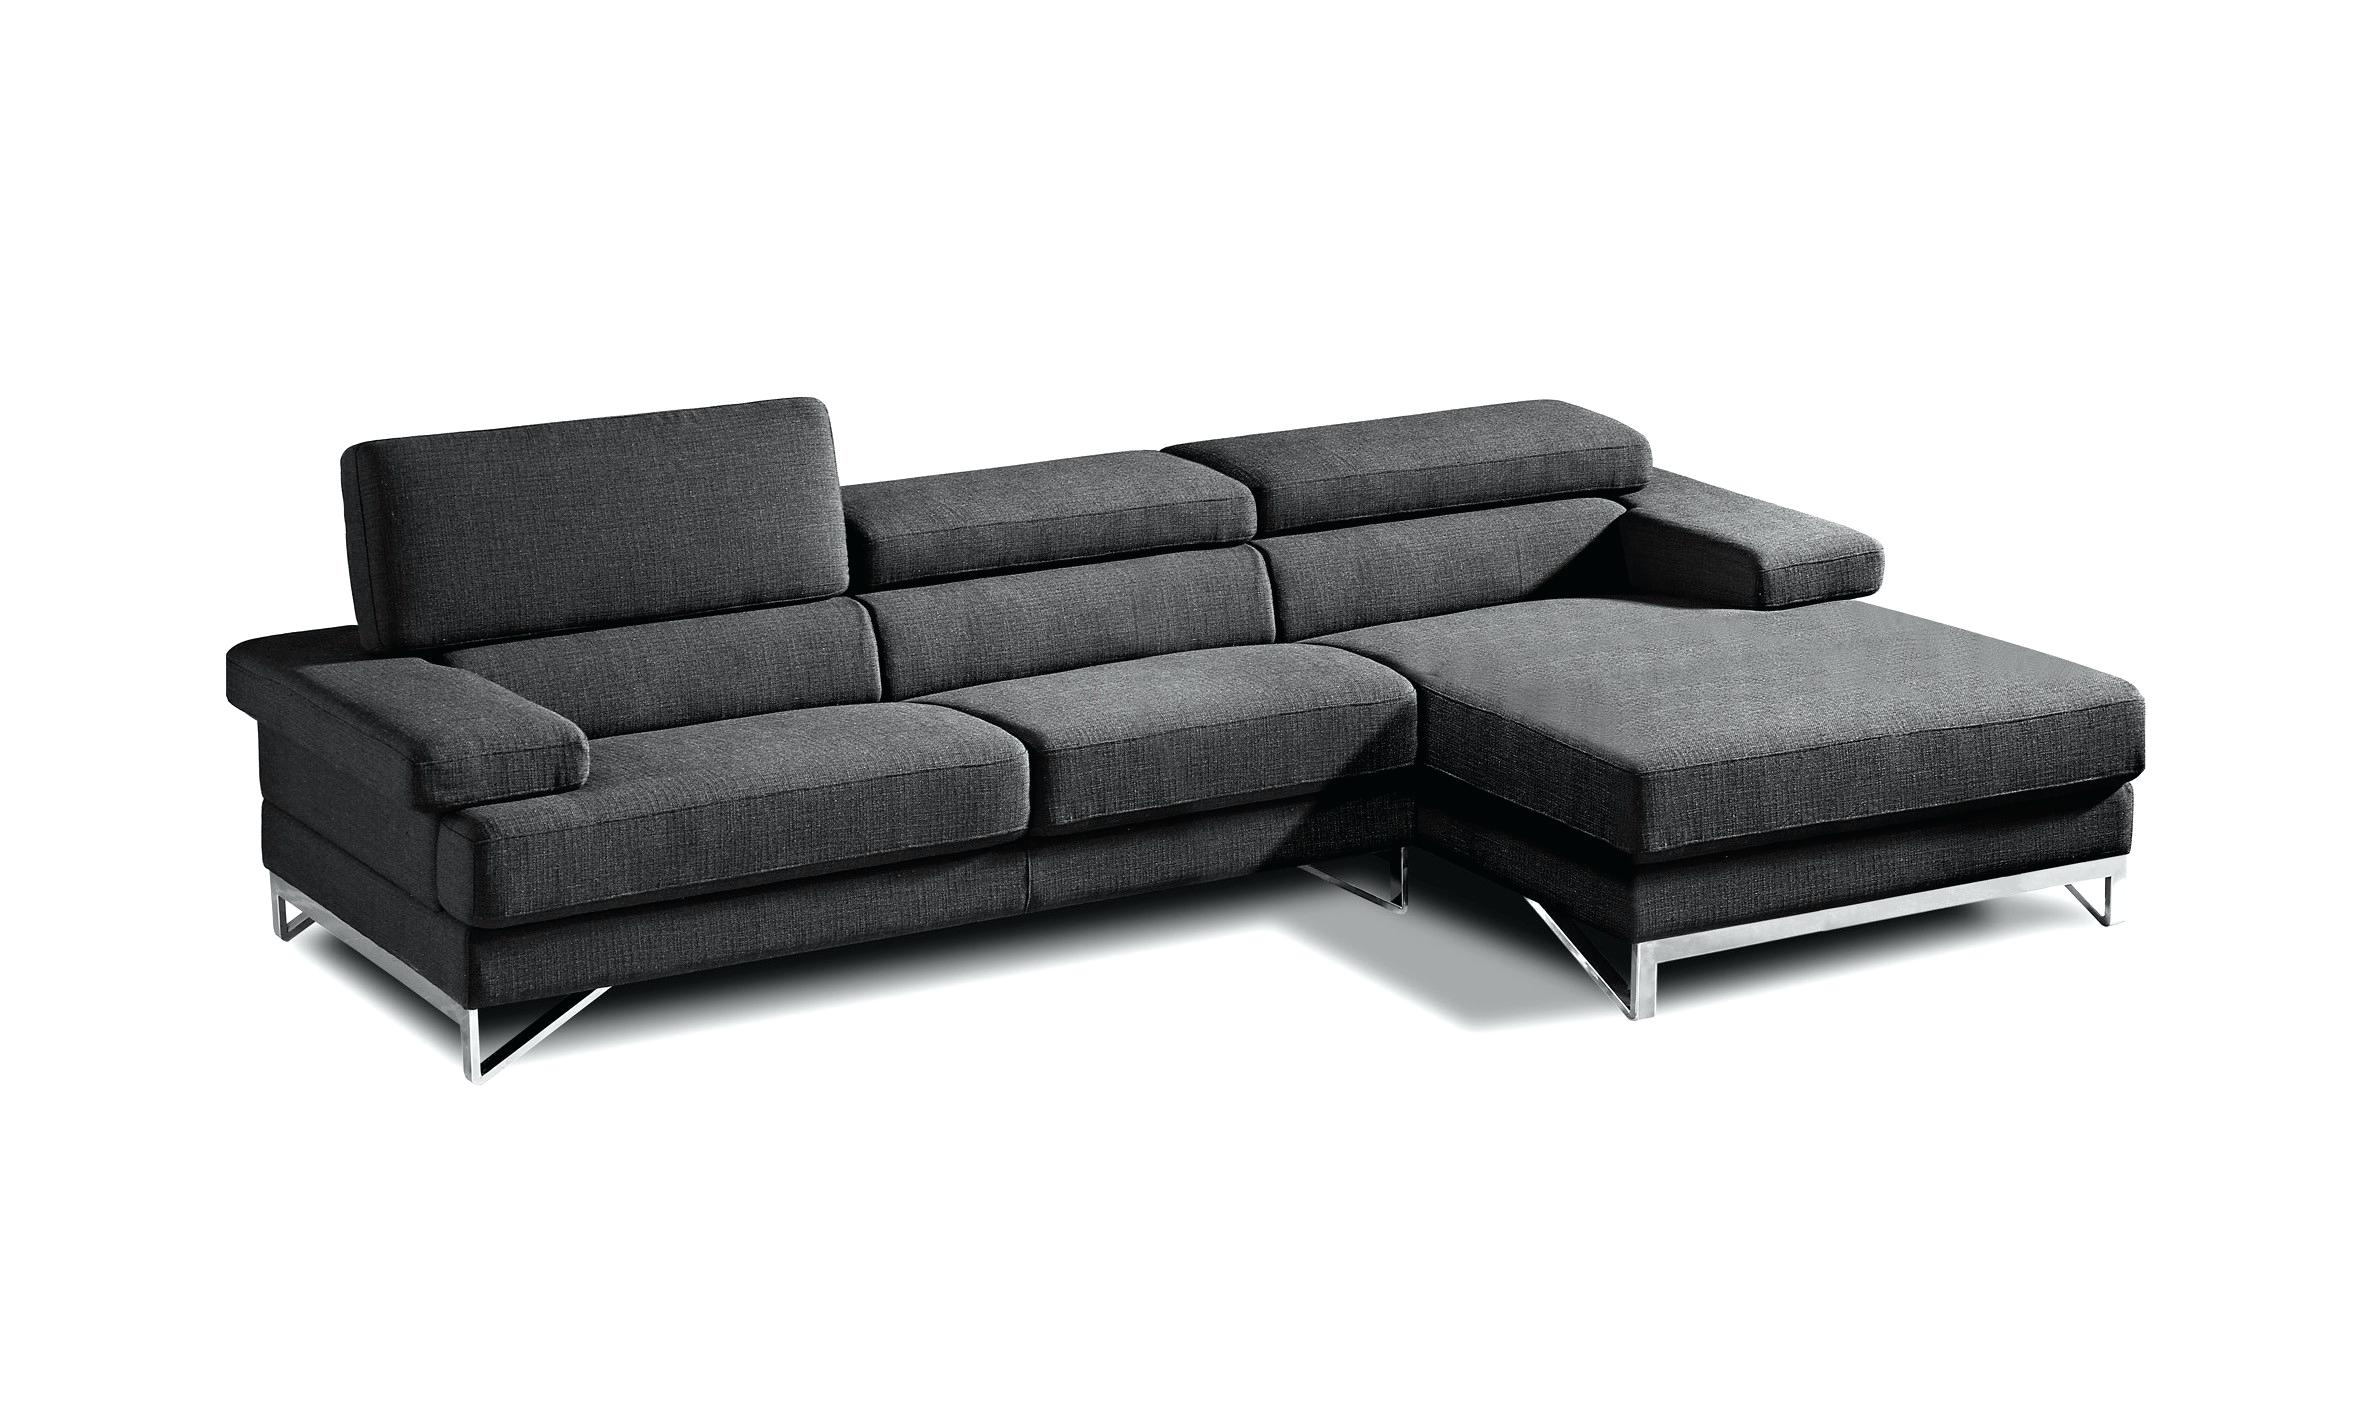 Leather Sectional Sofa Bed Sas Sa21 Sa Canada Vancouver Edmonton For Kijiji Edmonton Sectional Sofas (View 7 of 10)